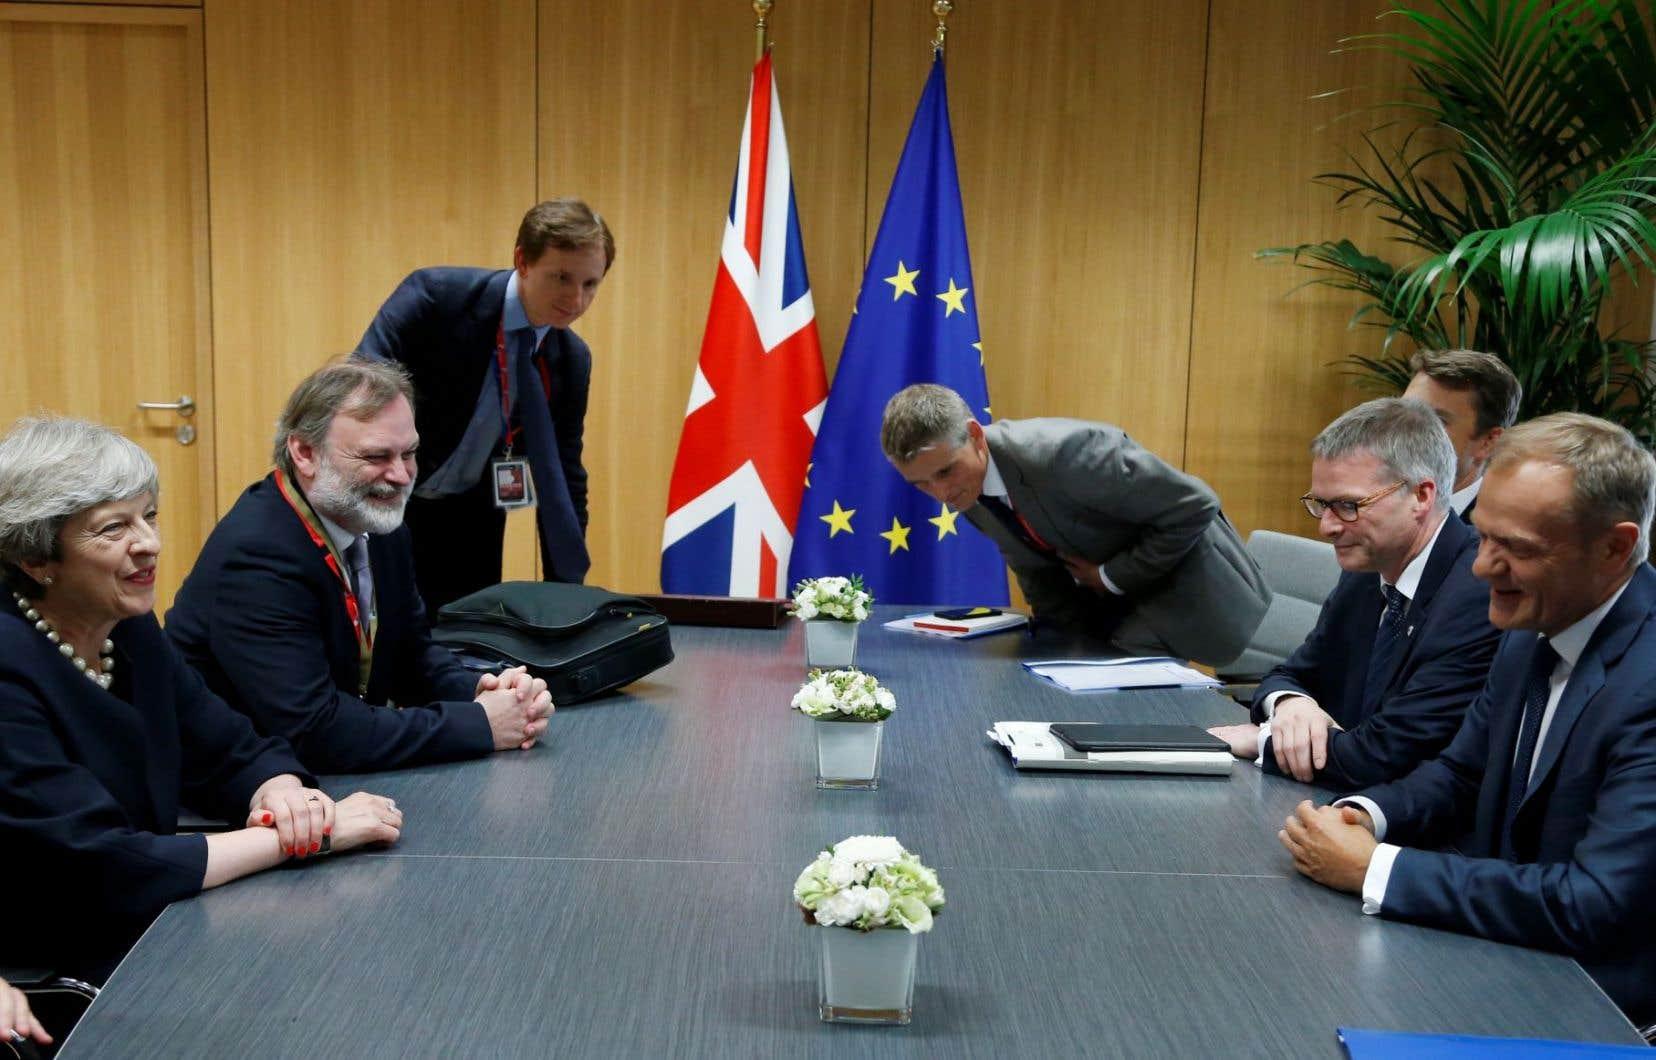 L'offre que Theresa May considère comme «équitable et sérieuse» risque de ne pas satisfaire l'Union européenne.